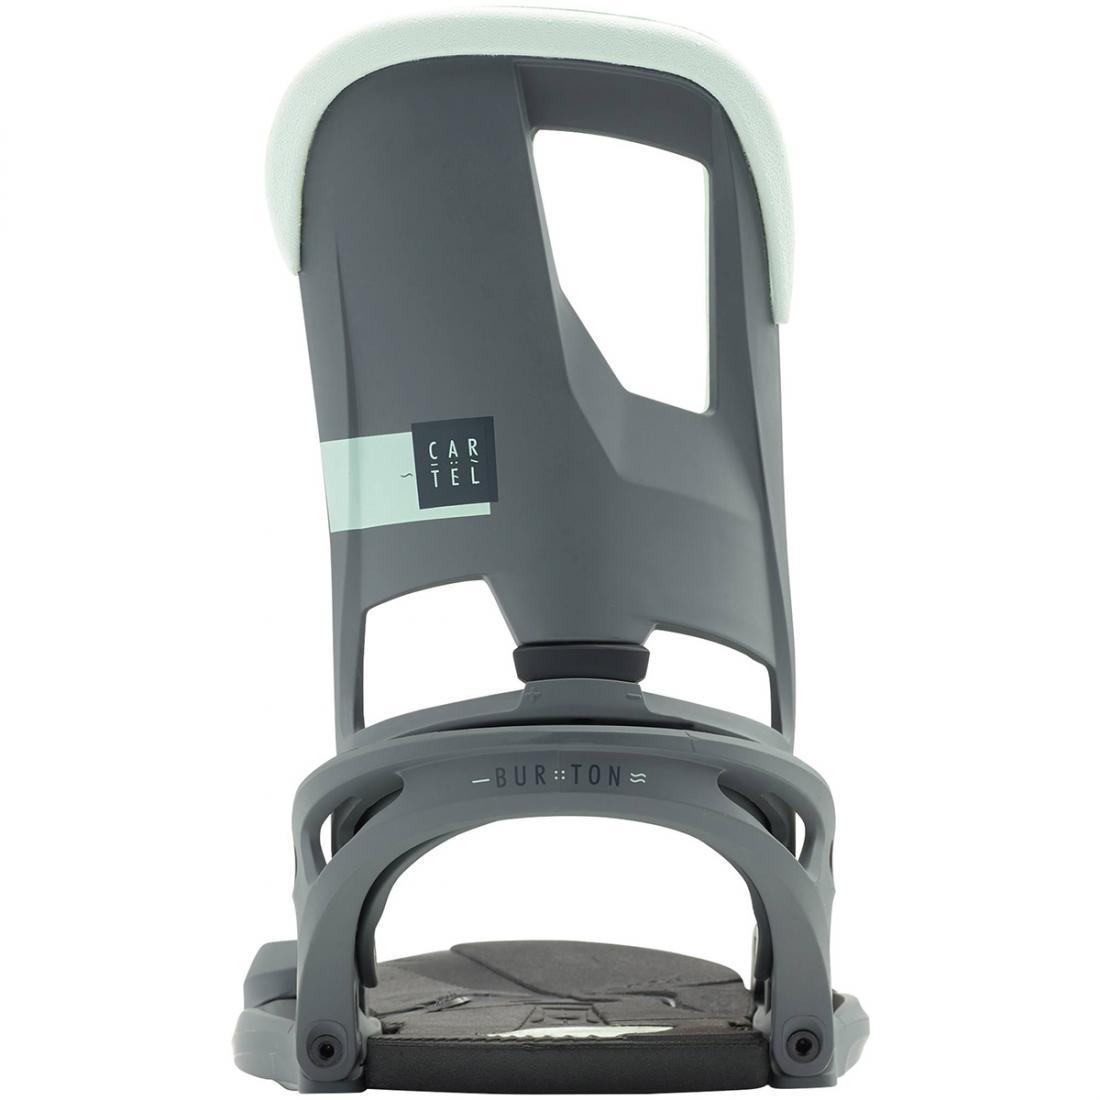 990d6f258c6d Крепления для сноуборда Burton Cartel EST купить в интернет-магазине ...